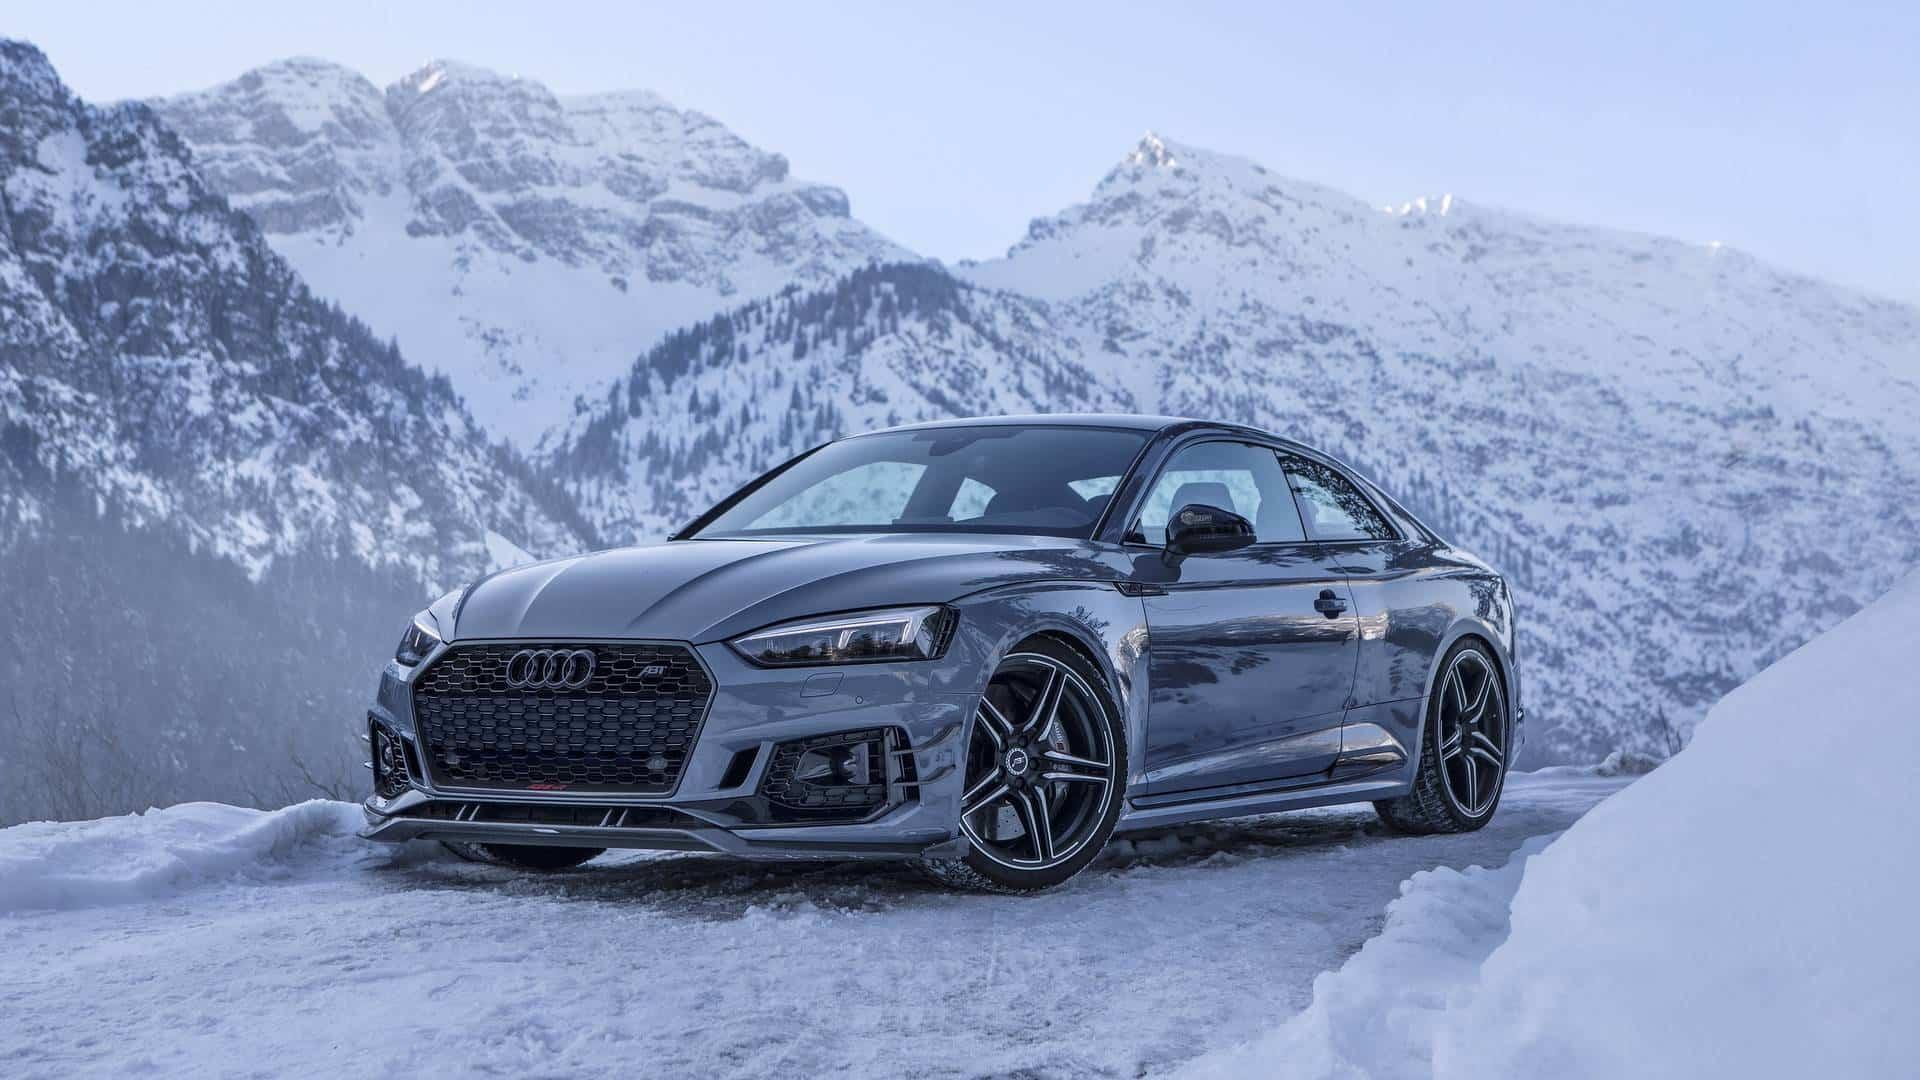 El Brutal Audi Rs5 R De Abt Y Sus 530 Cv Nos Deleitan Con Un